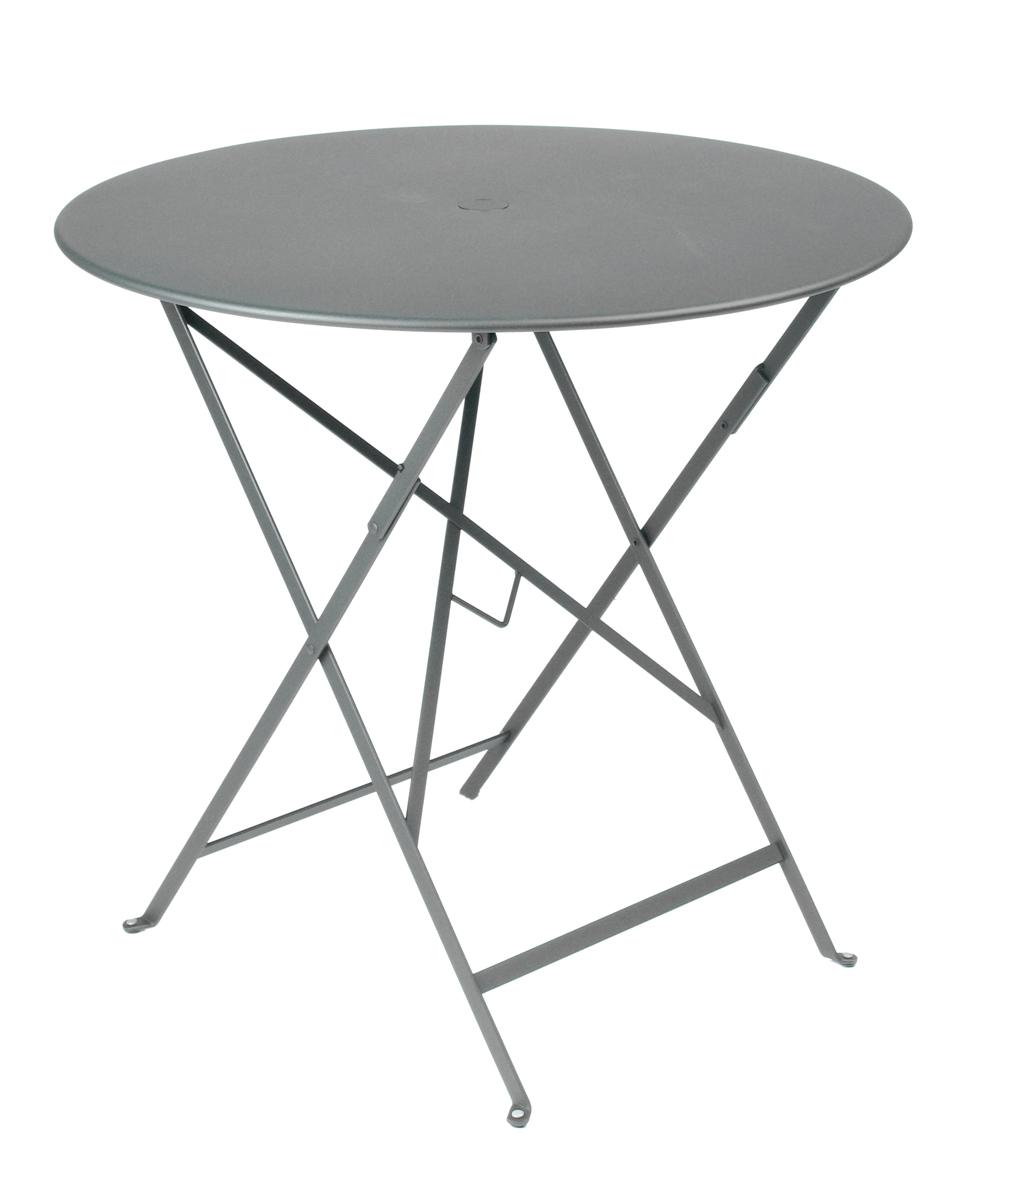 Tisch Bistro Floreal in gewittergrau versch. Größen wählbar, Stahlgestell beschichtet